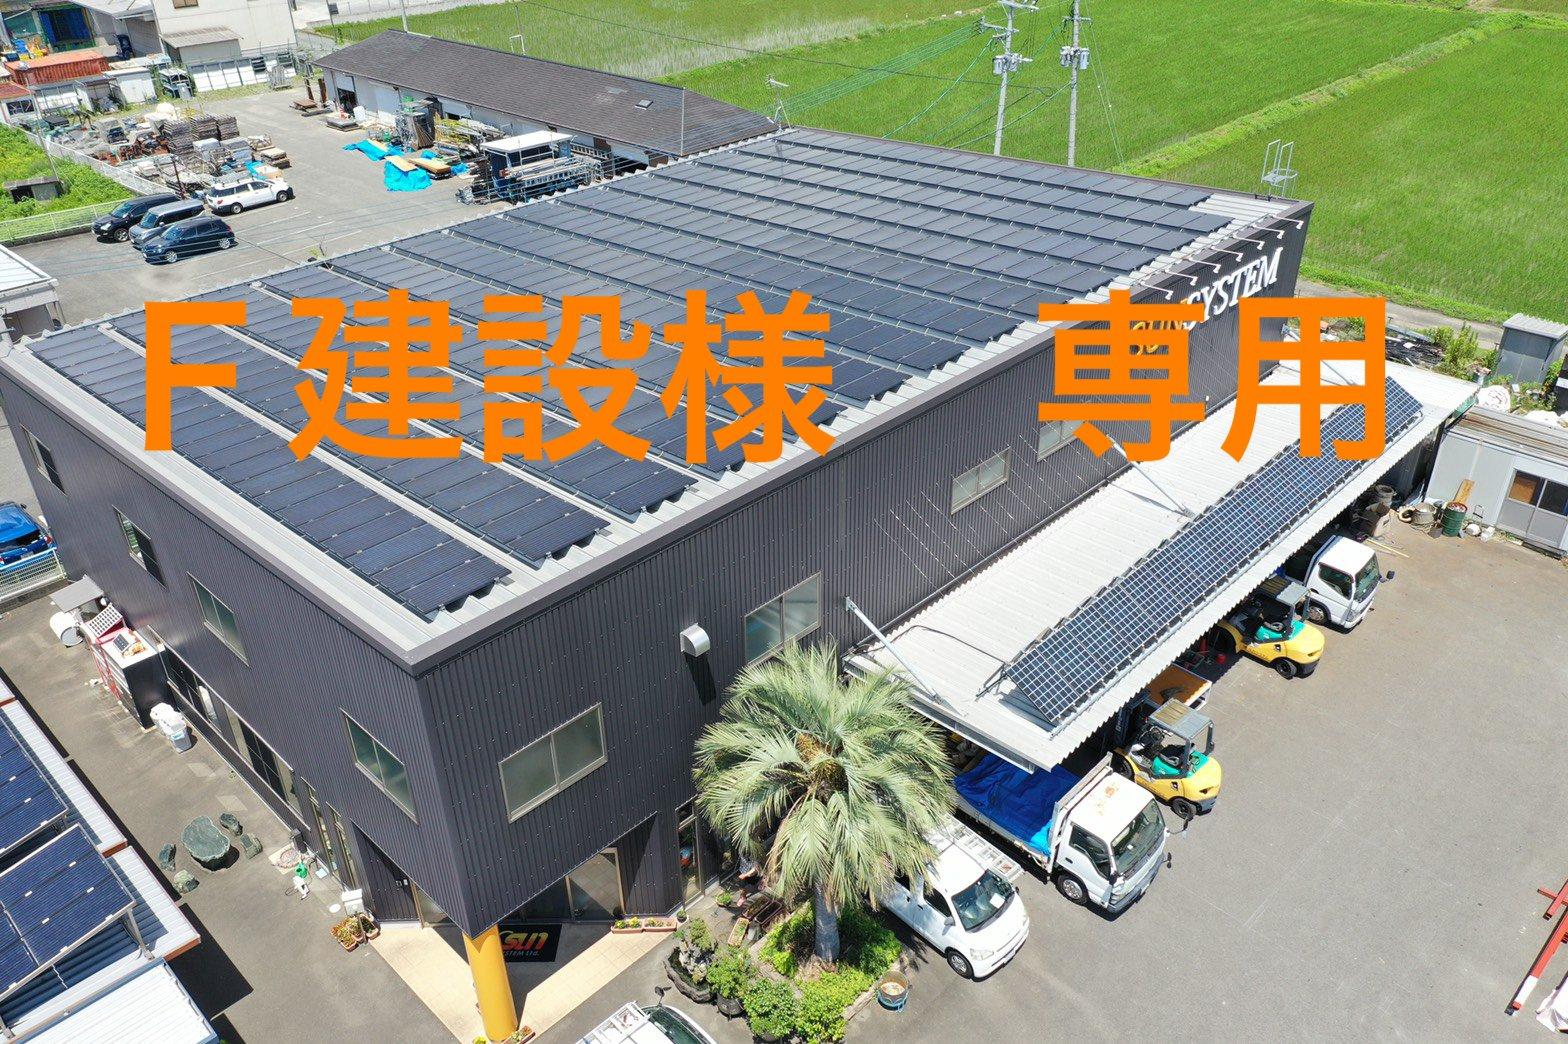 【F建設様 専用チケット】太陽光発電システム・蓄電池システム工事【現地払い・銀行振り込み専用チケット】のイメージその1